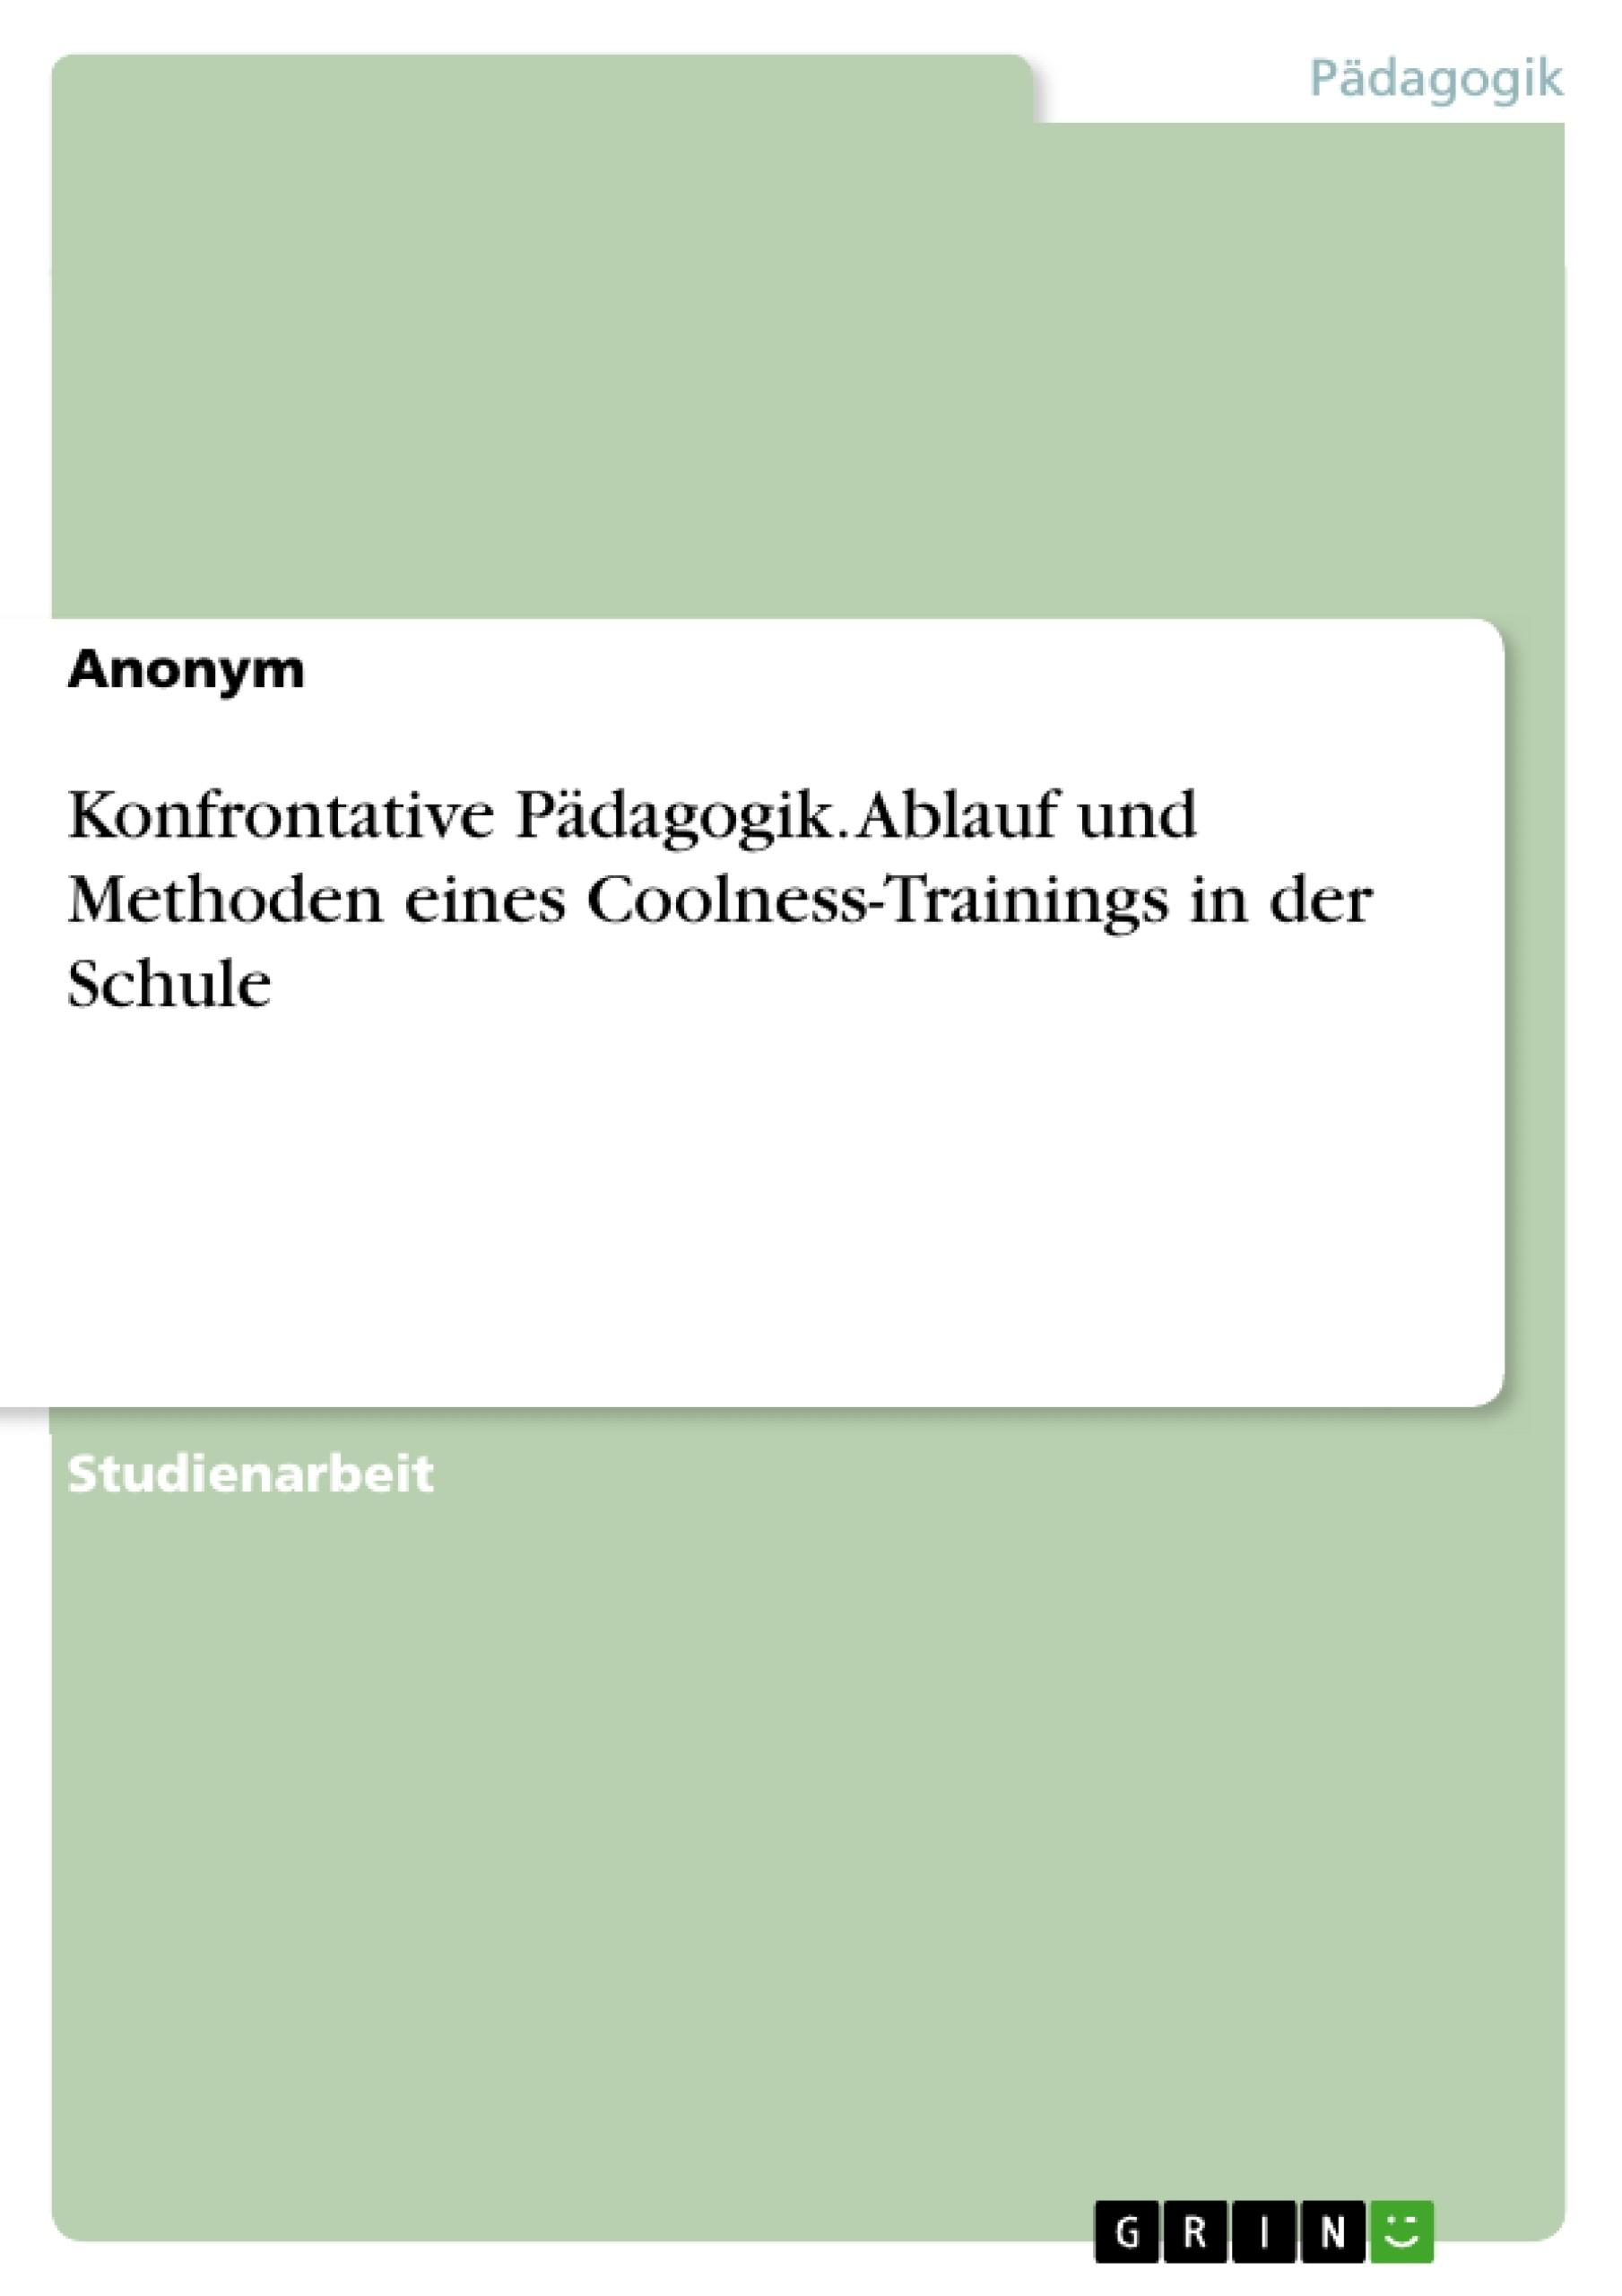 Titel: Konfrontative Pädagogik. Ablauf und Methoden eines Coolness-Trainings in der Schule